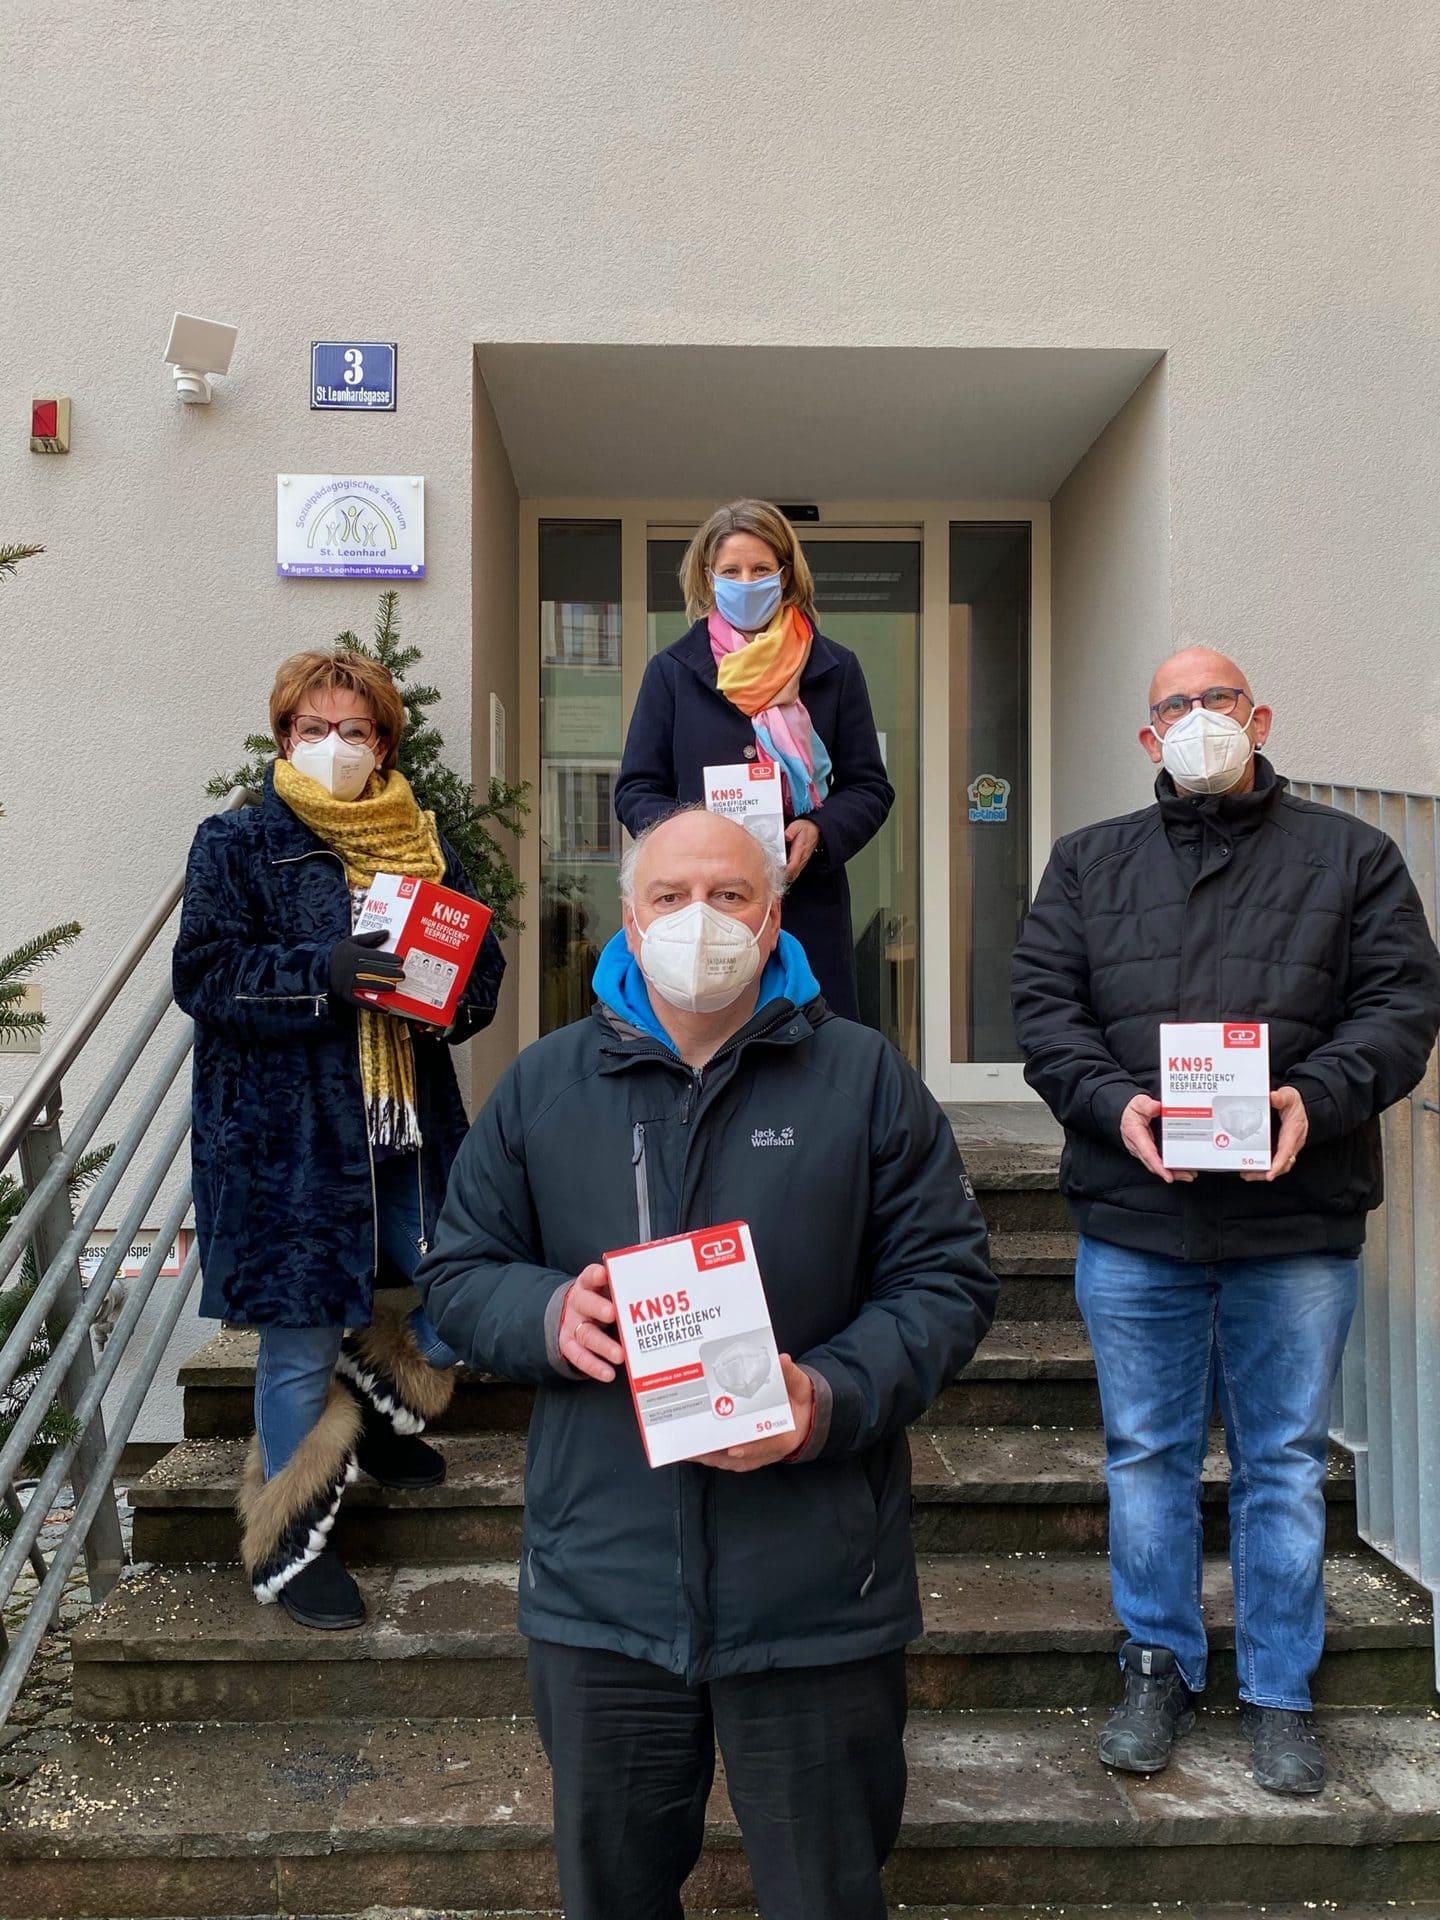 Armin-Wolf-Team spendet FFP2-Masken An den Förderverein St. Leonhard in Regensburg